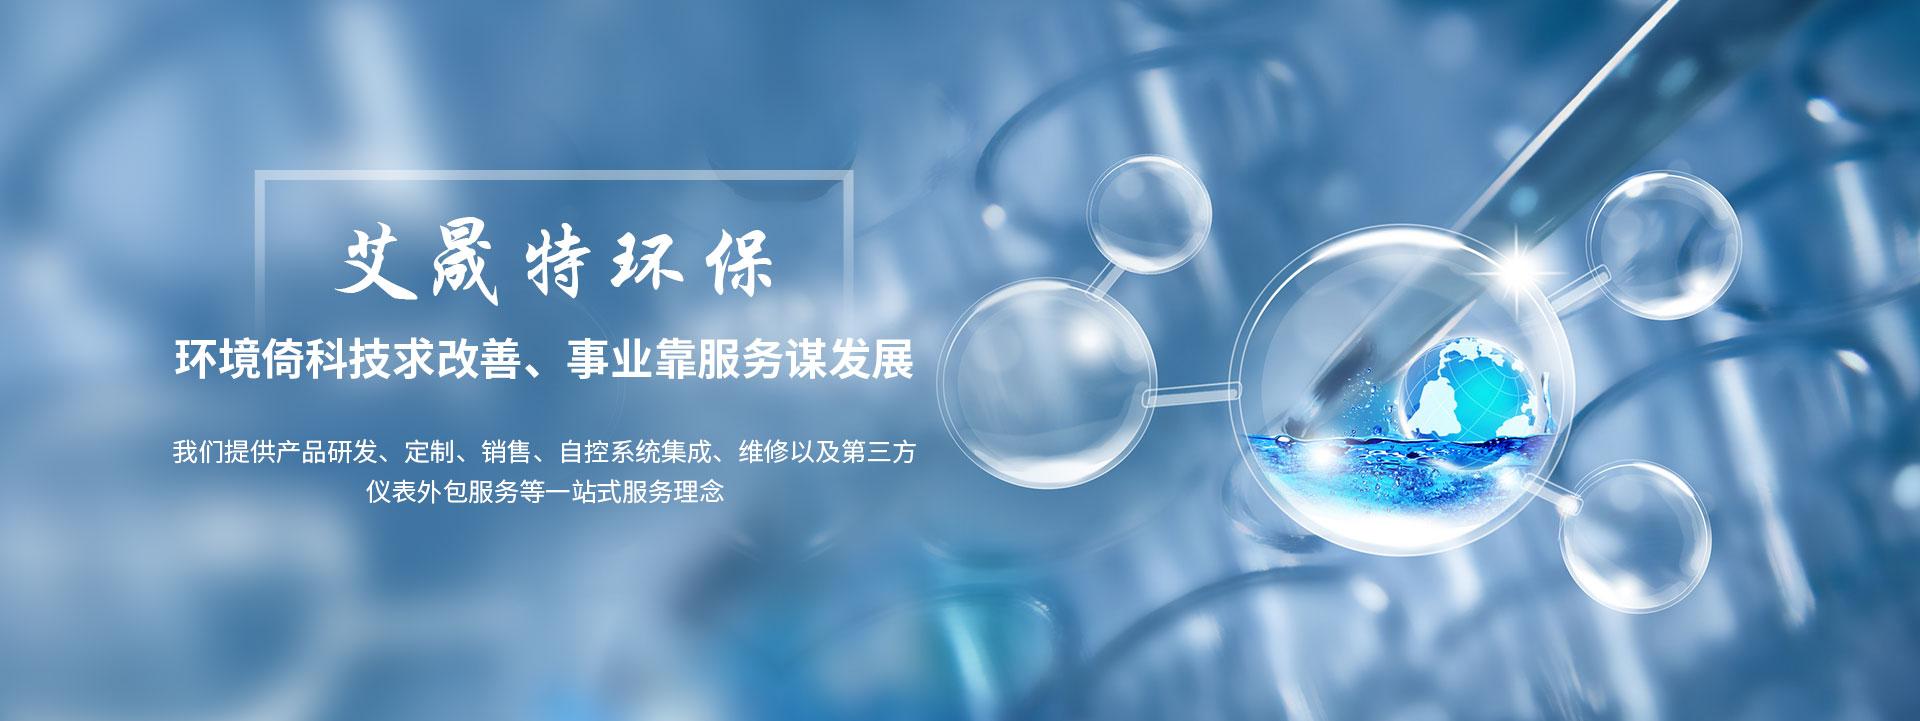 水质分析仪公司